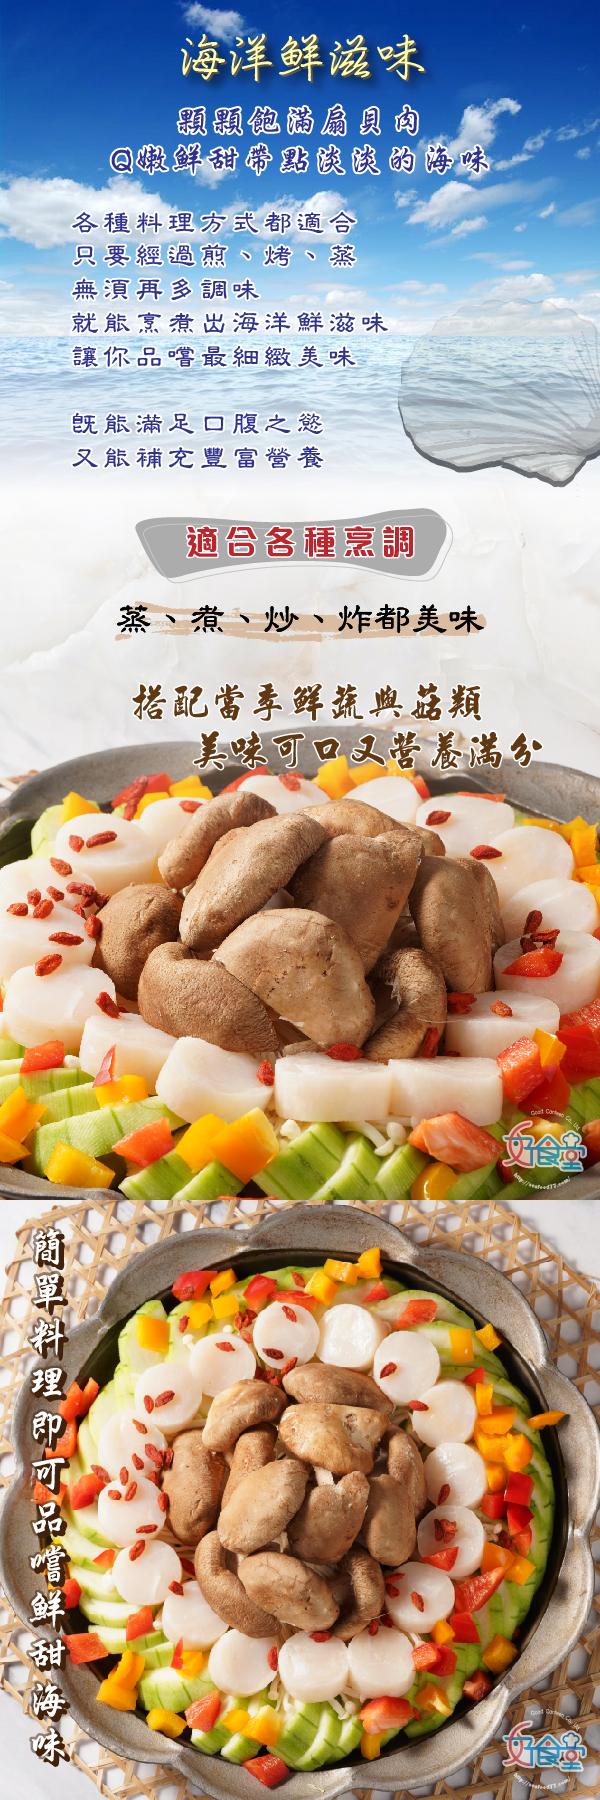 24_24-ALL= 組合扇貝肉,組合扇貝肉料理,冷凍扇貝肉,冷凍扇貝料理,急凍扇貝,奶油扇貝,帆立貝料理,干貝料理,干貝,海鮮.jpg